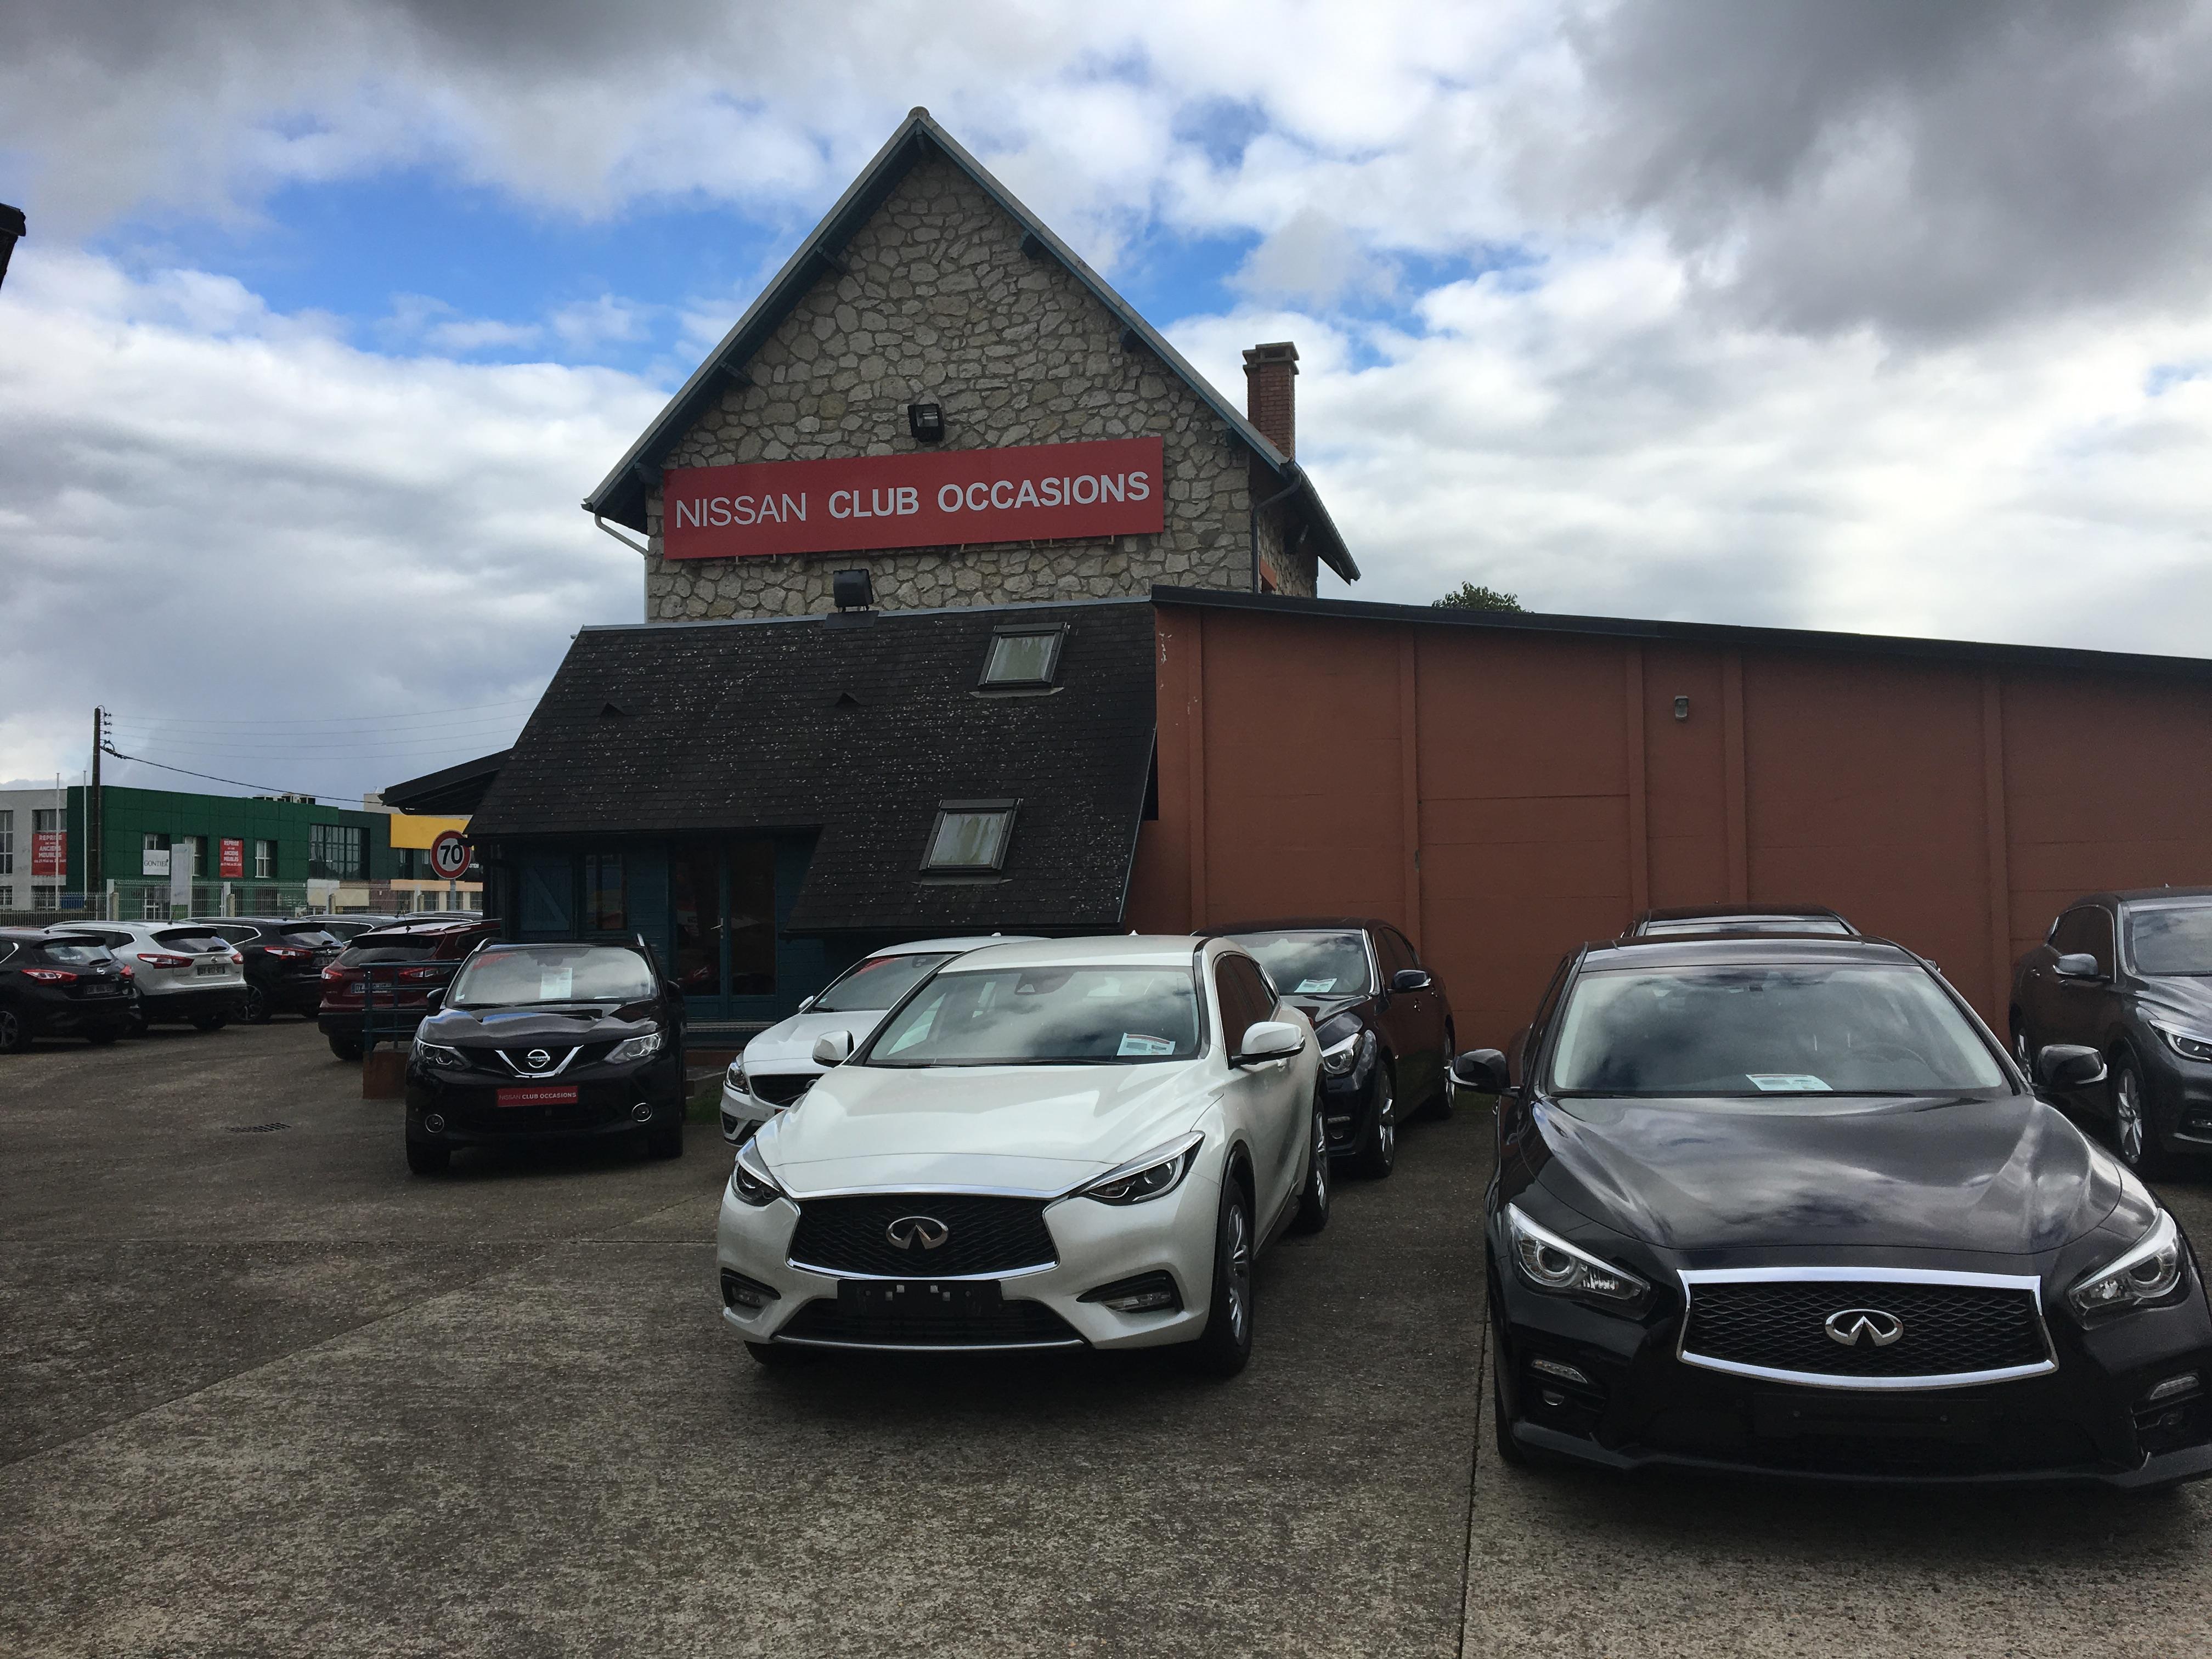 Pr 233 Sentation De La Soci 233 T 233 Neubauer Distributeur Nissan